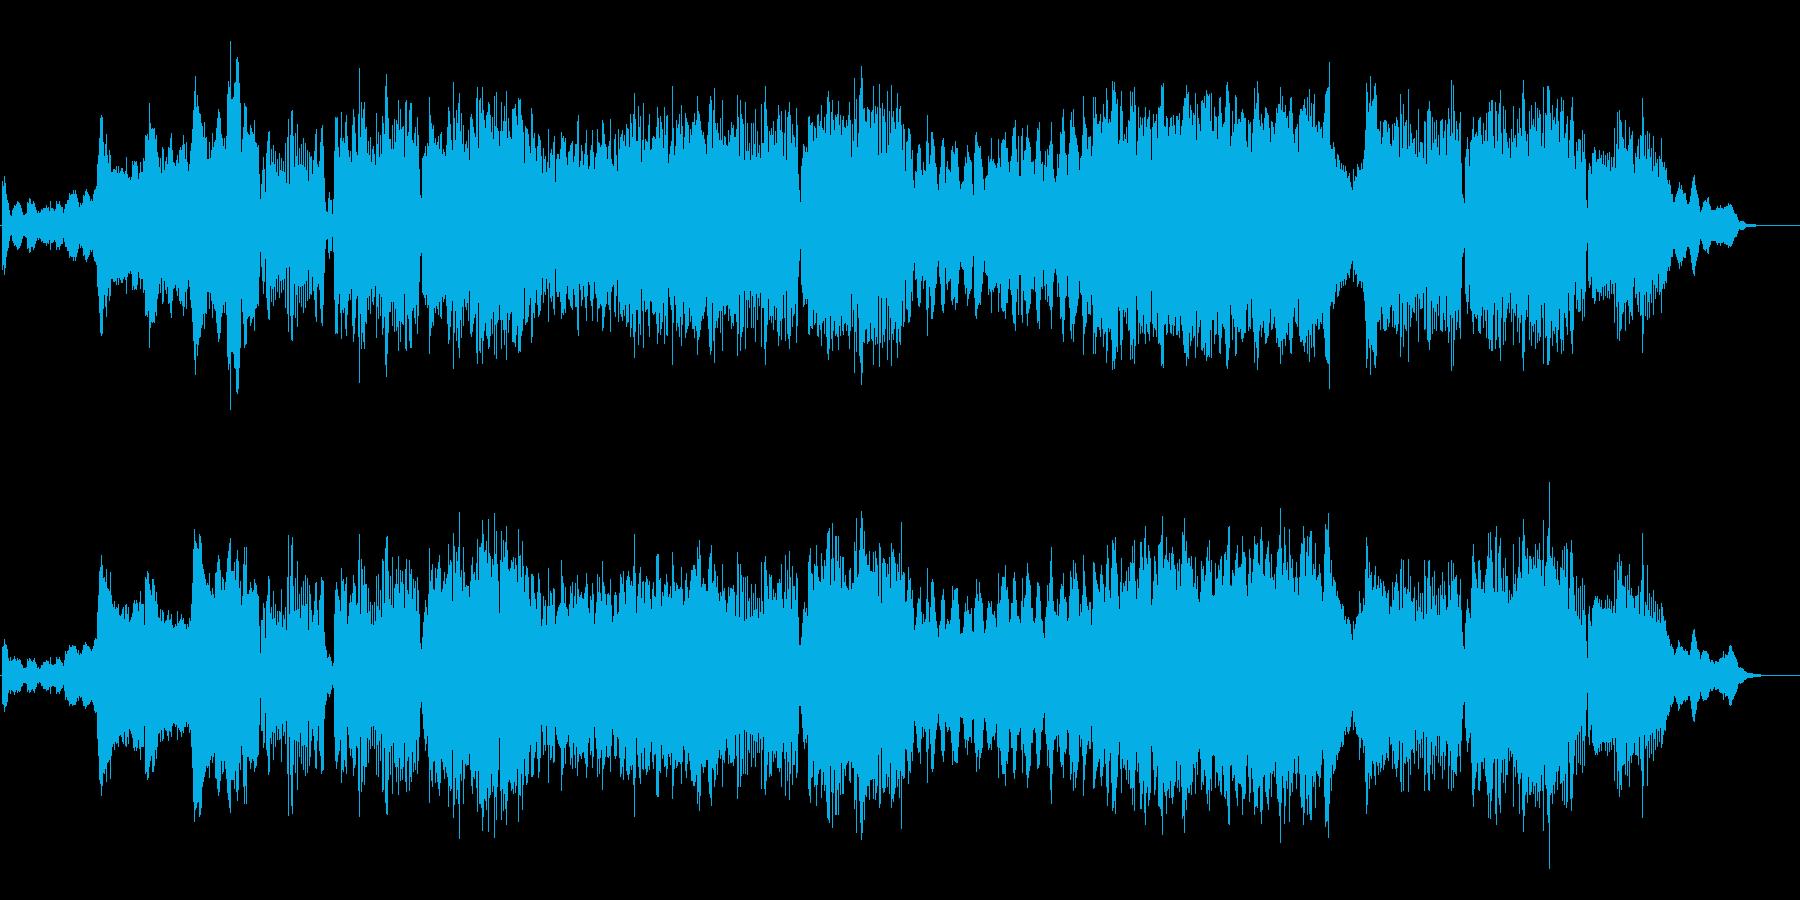 オーケストラ・アレンジ/サントラ風の再生済みの波形